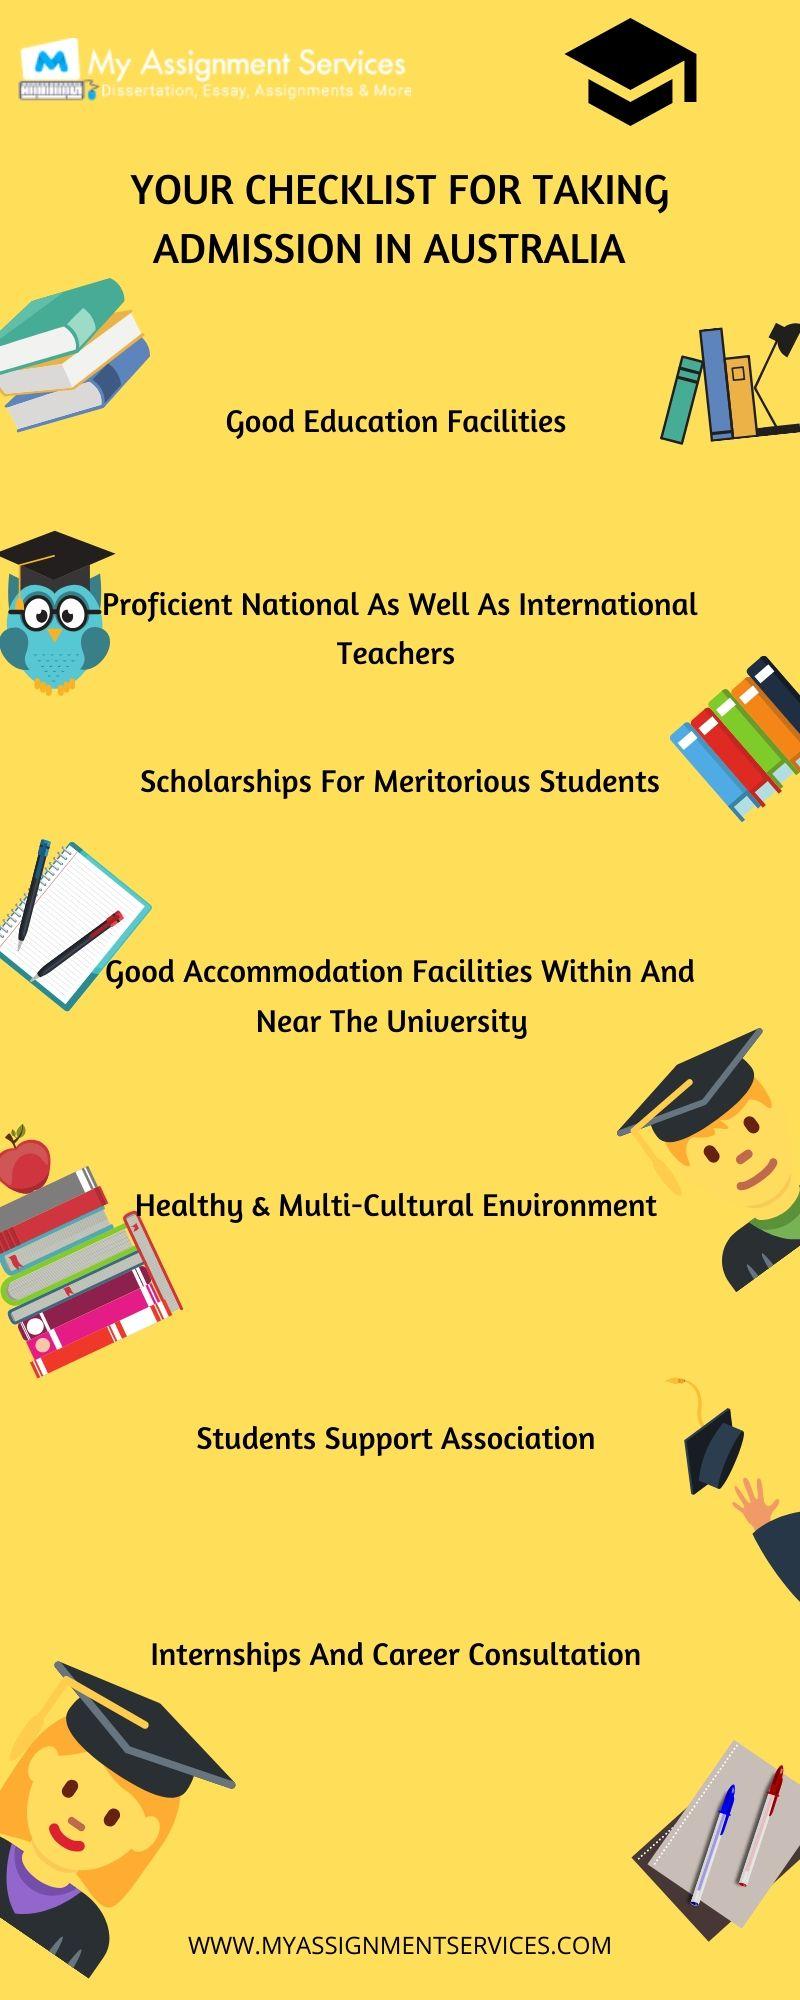 Universities Features